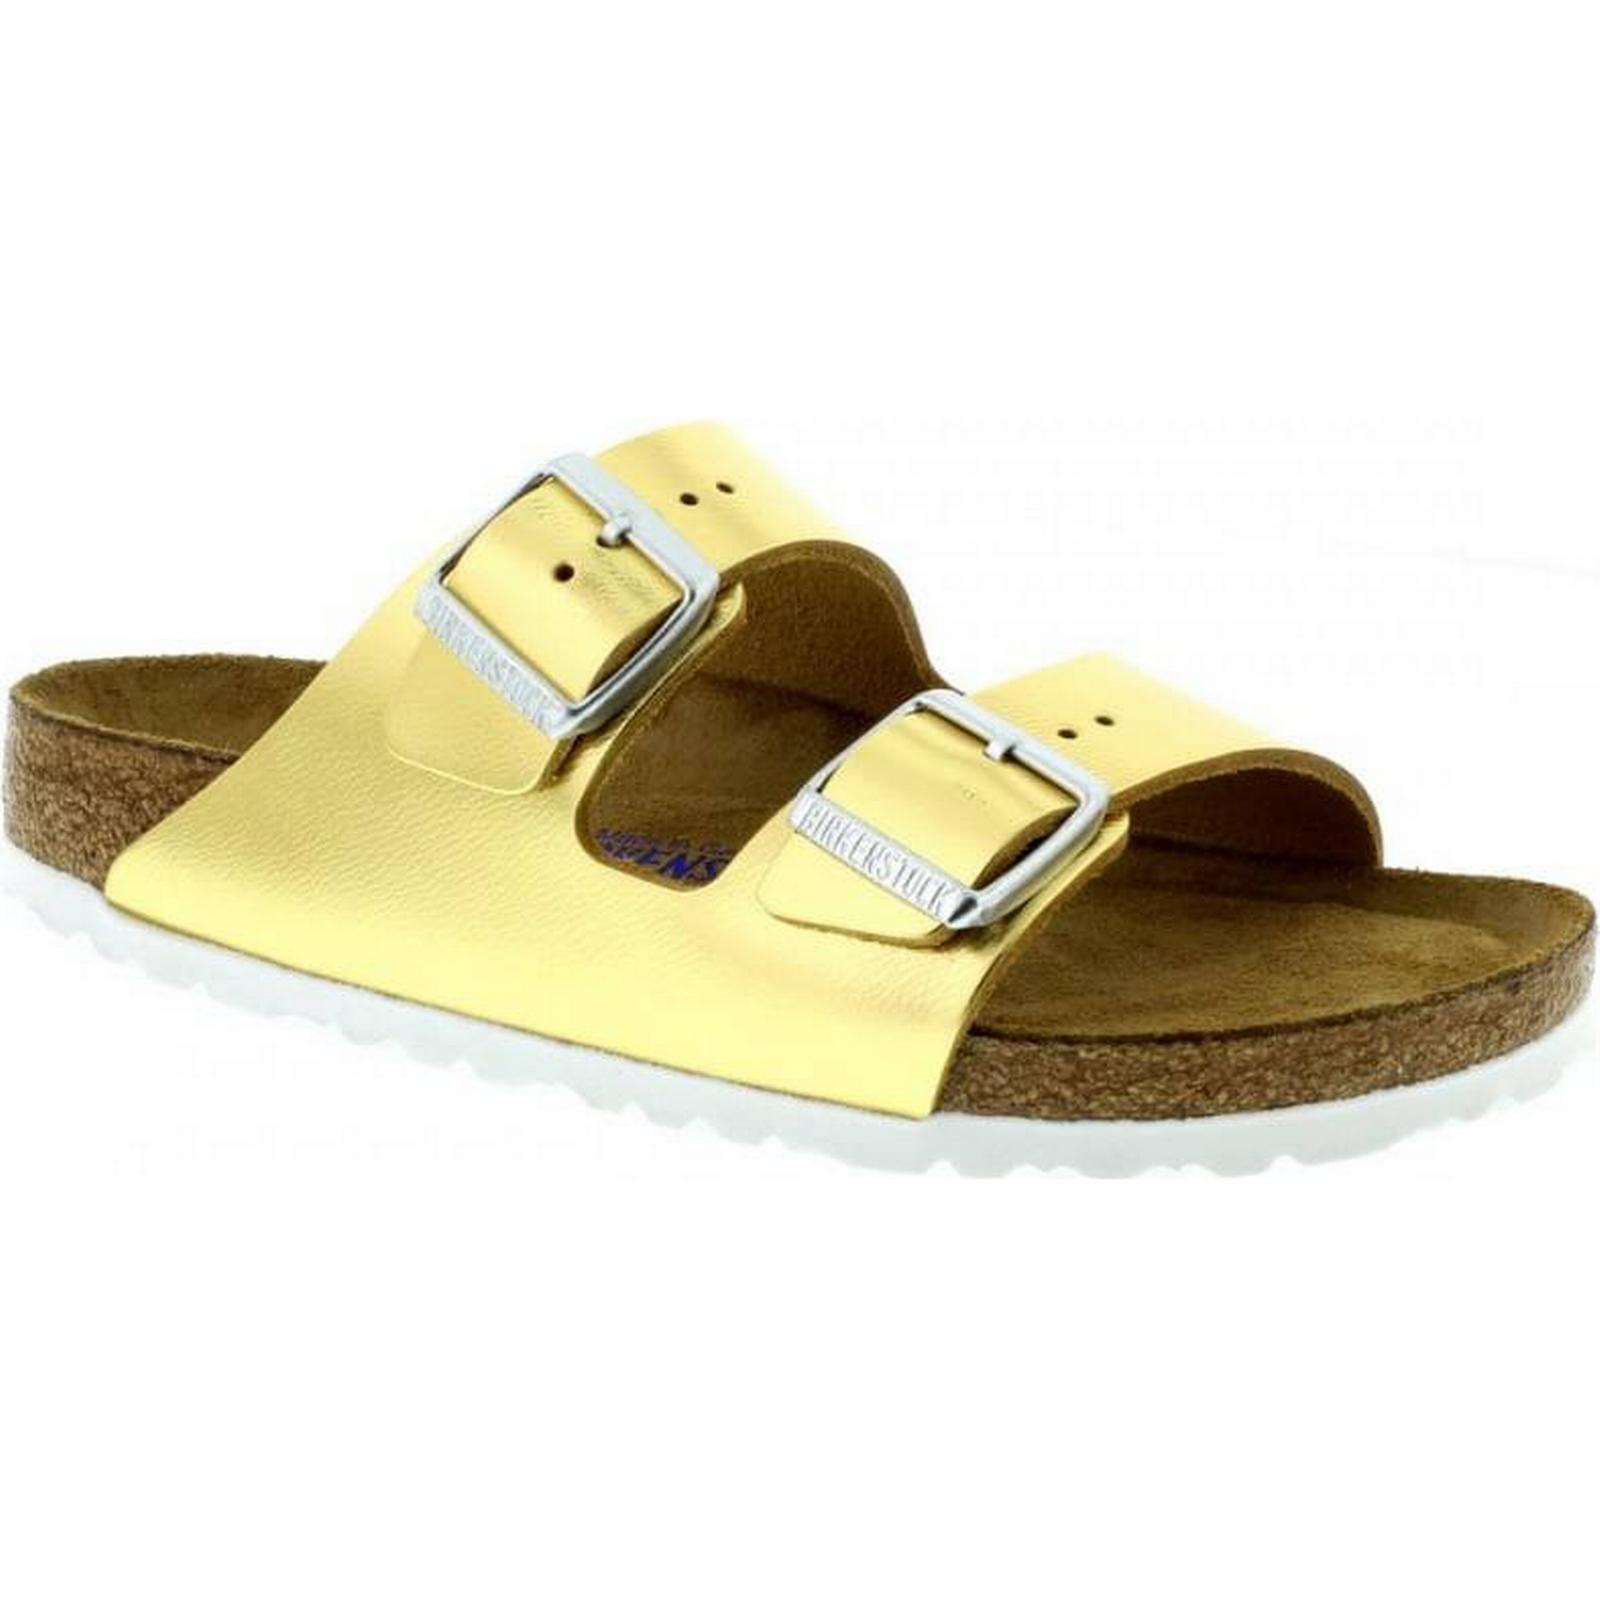 Birkenstock Arizona Narrow Fit - Liquid 35 Gold Leather 1000064 Size: 35 Liquid 39b709